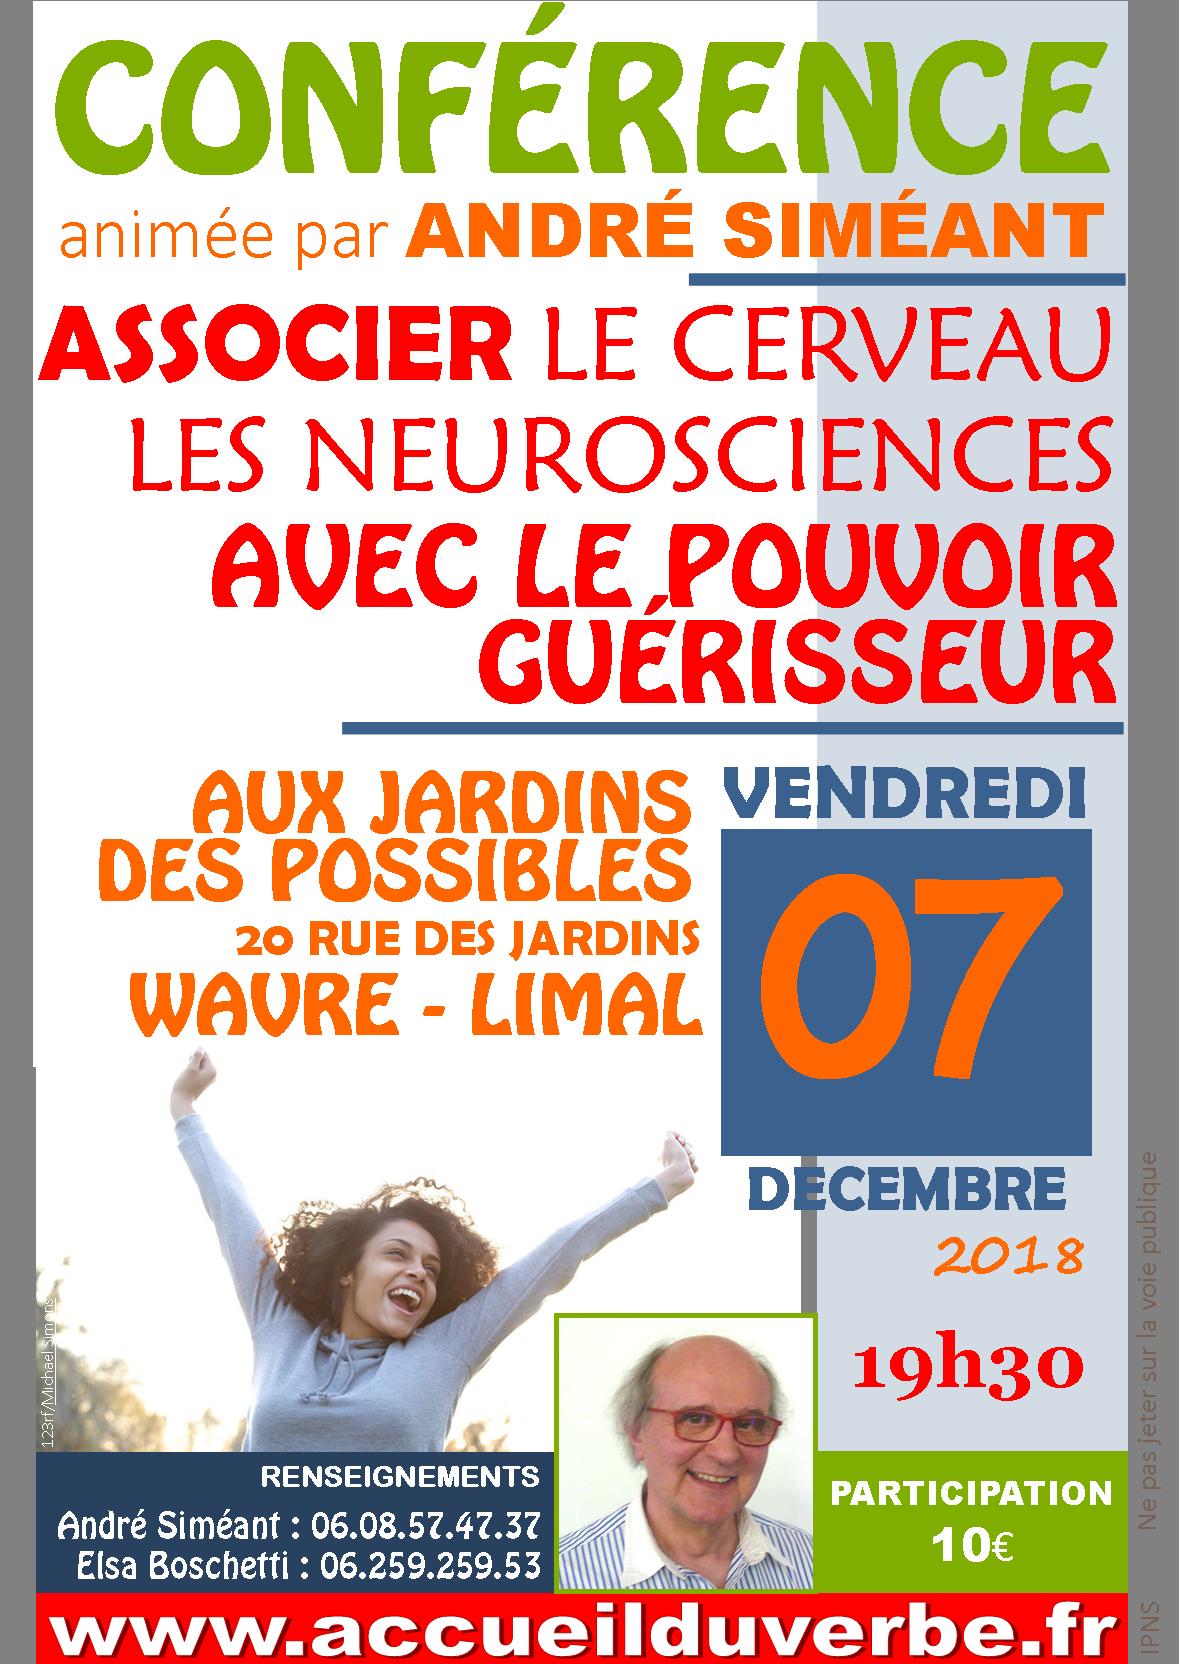 conf Belgiue dec 2018.png